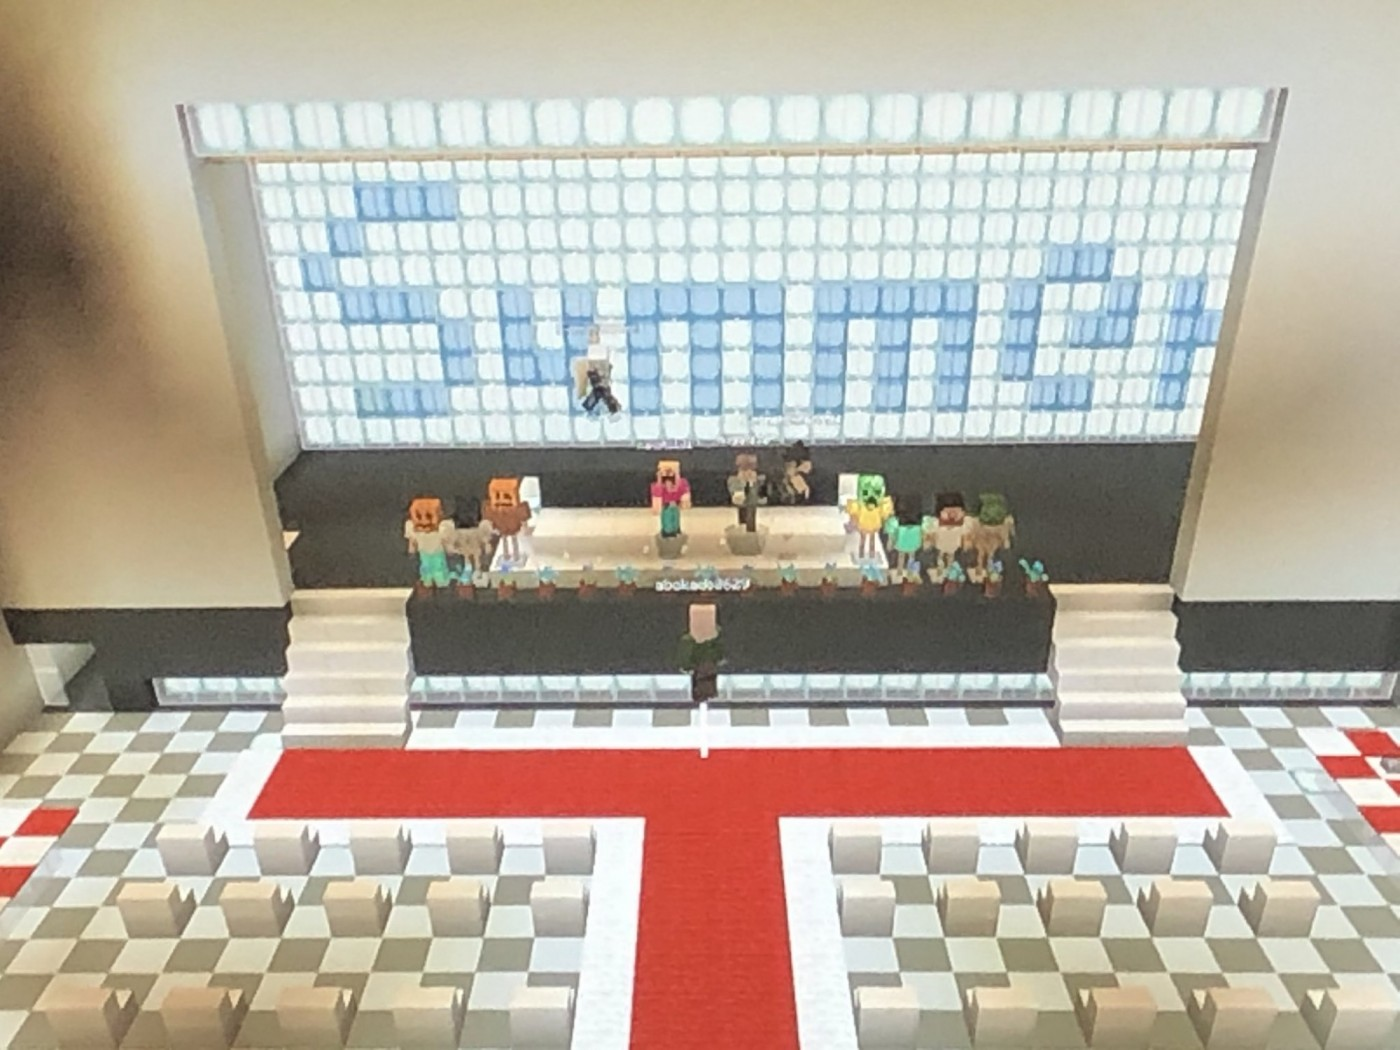 日本小學生停課不停學!一群小六生用《Minecraft》舉辦自己的數位畢業典禮